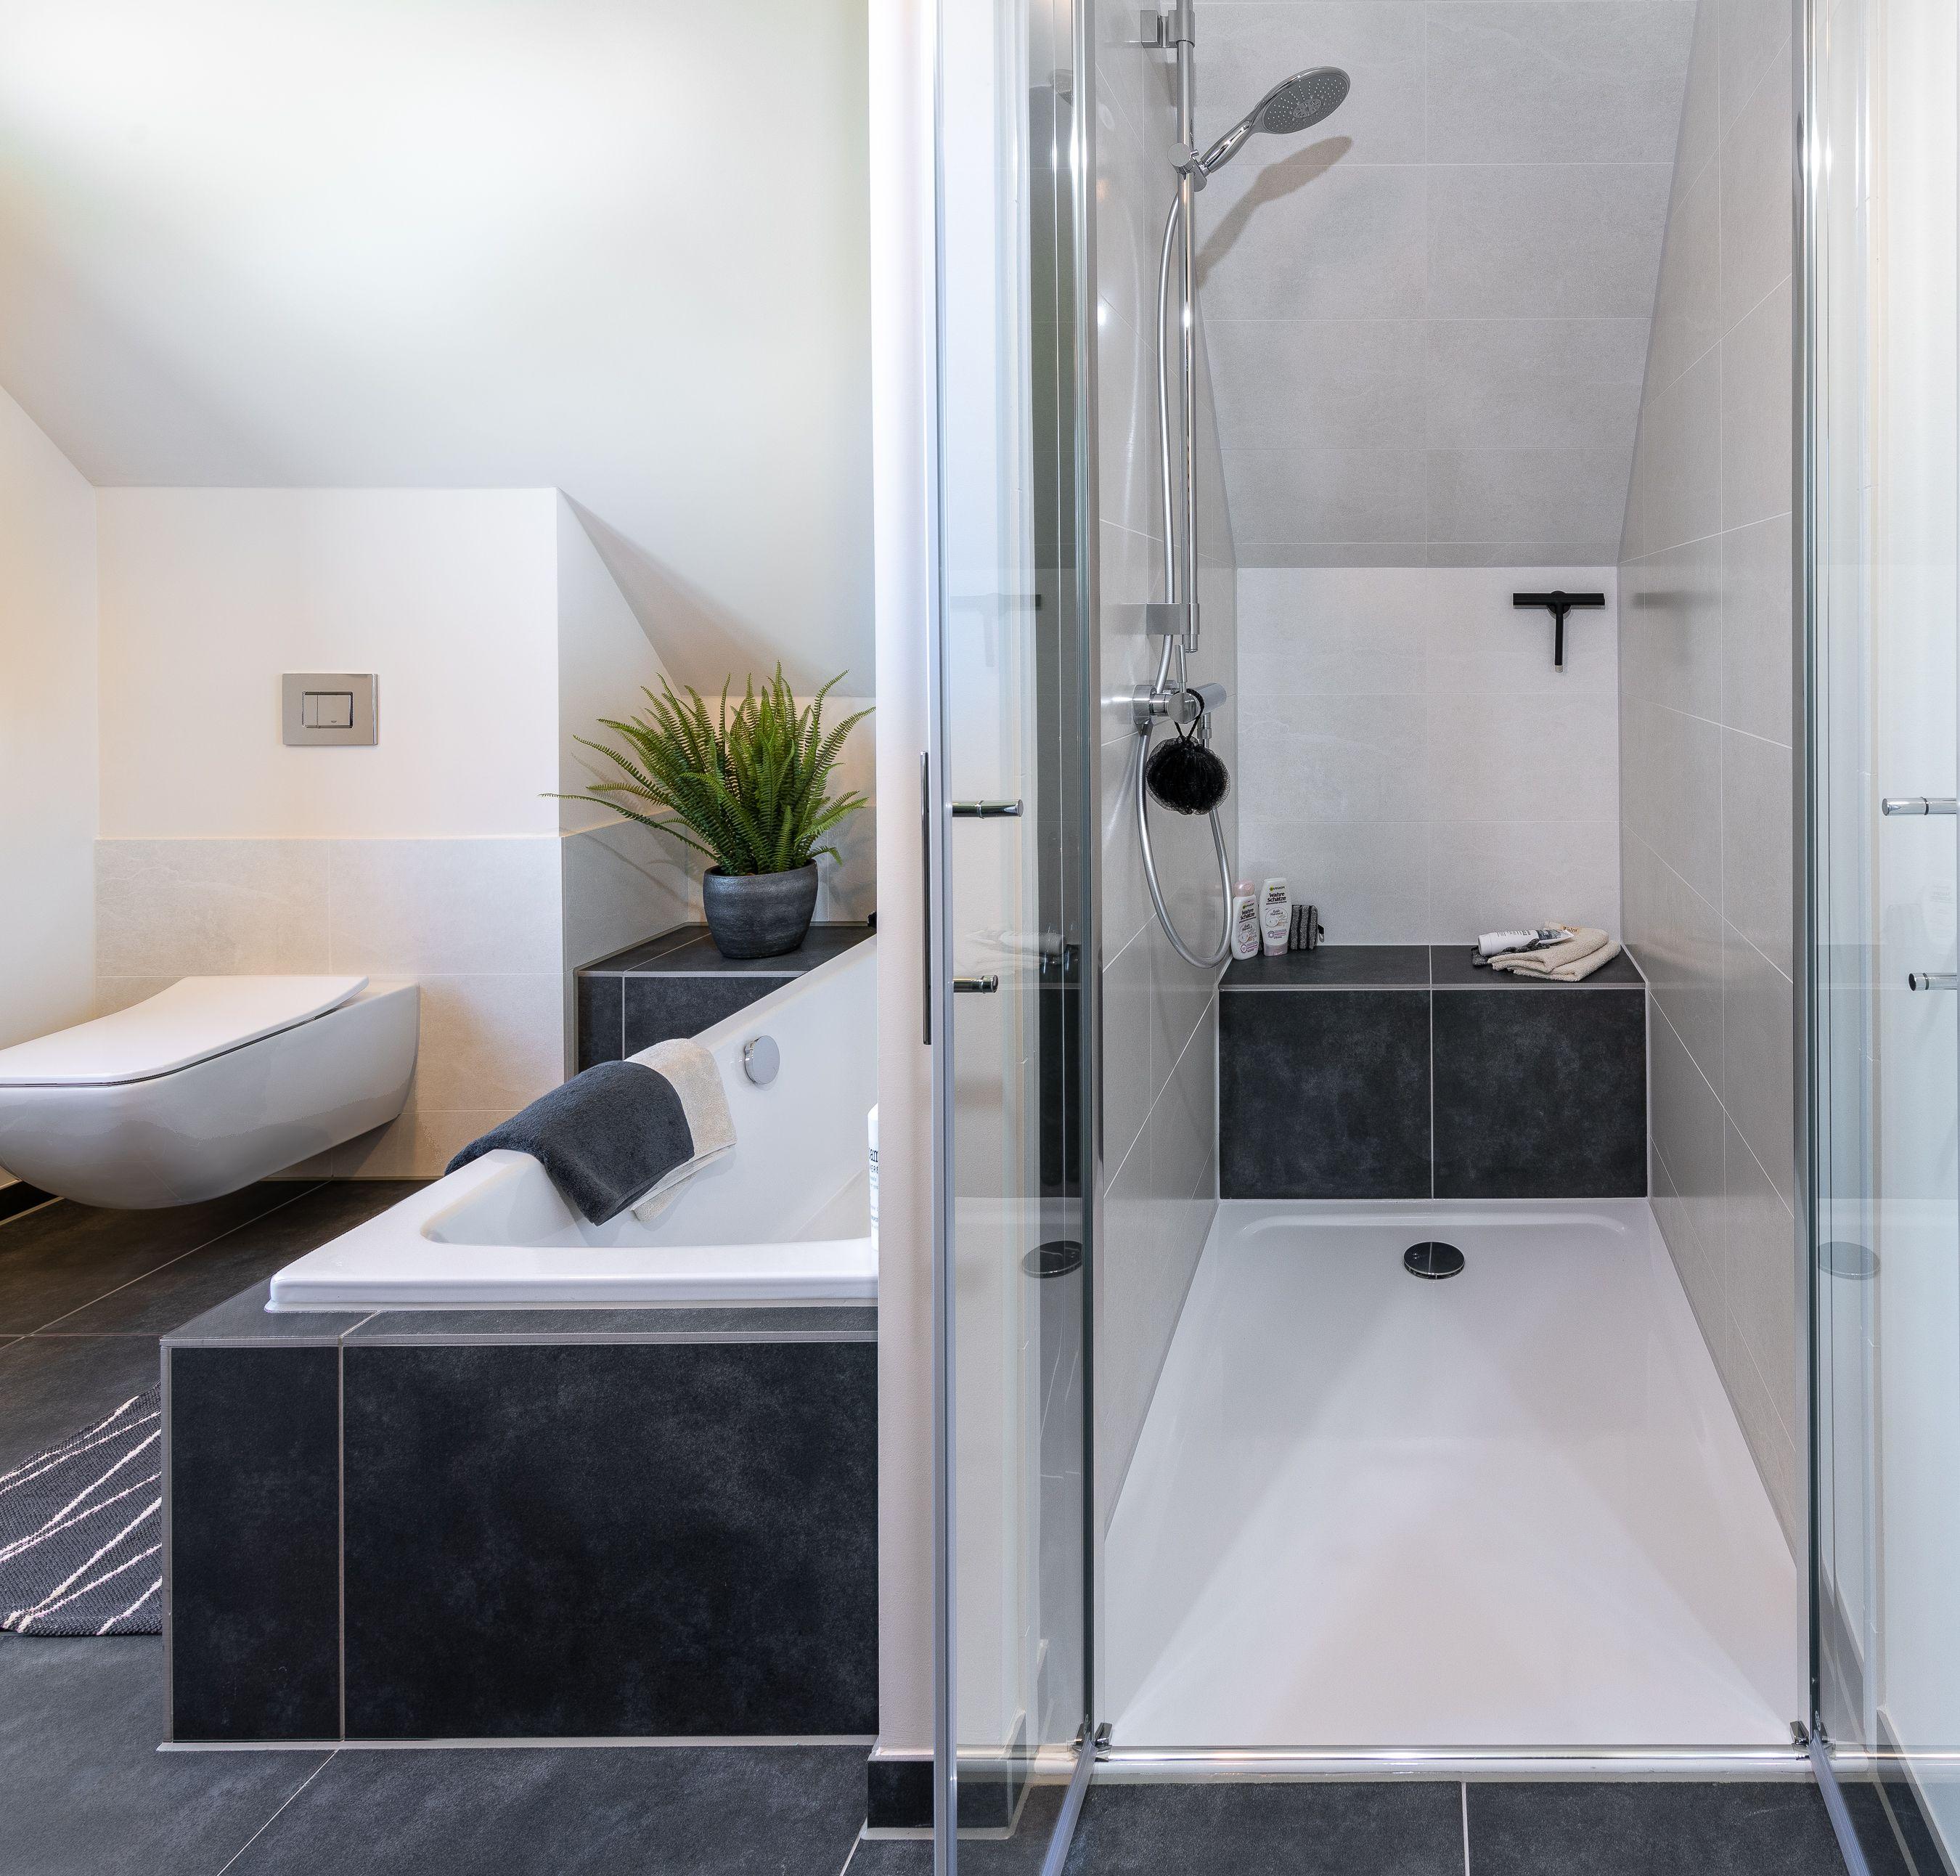 Viebrockhaus Maxime120 Einfamilienhaus Bad Badezimmer Wanne